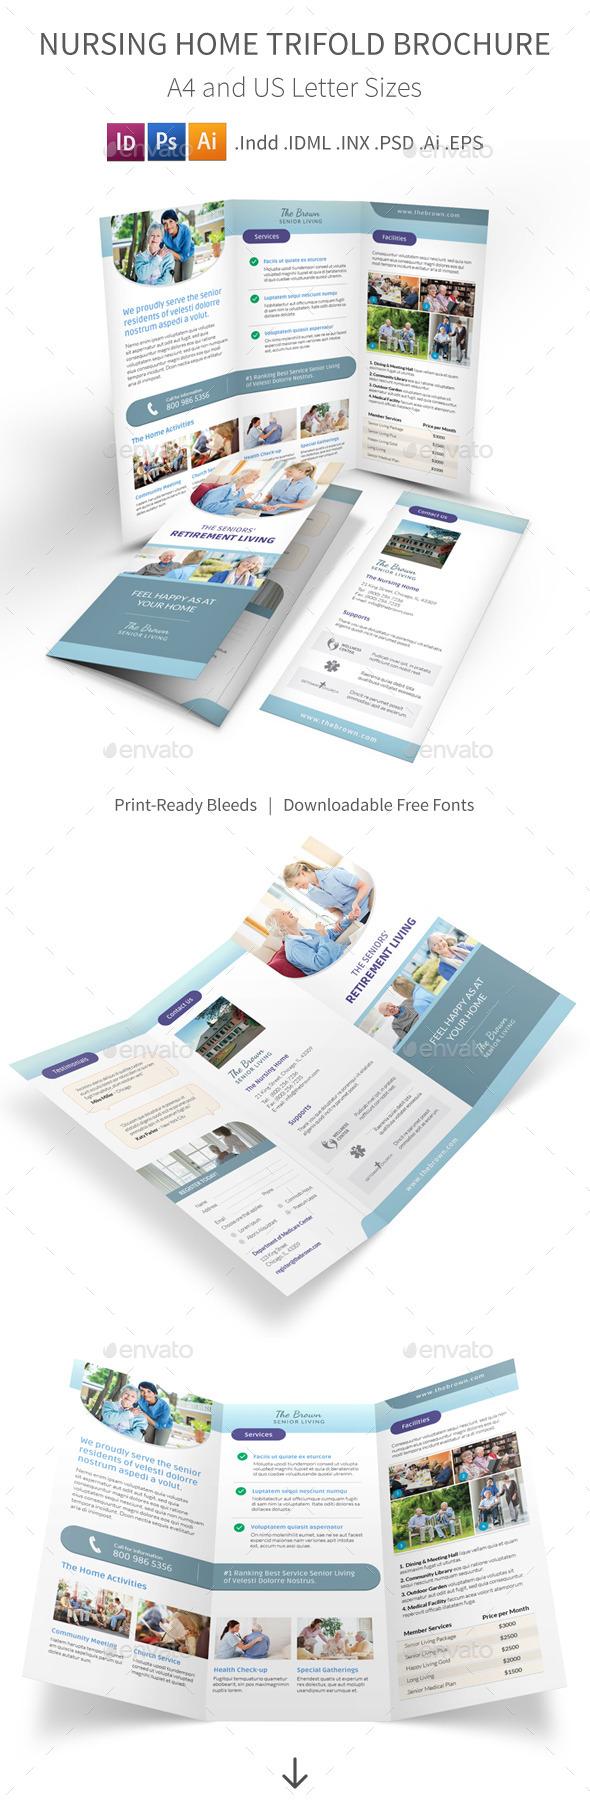 Nursing Home Trifold Brochure - Informational Brochures